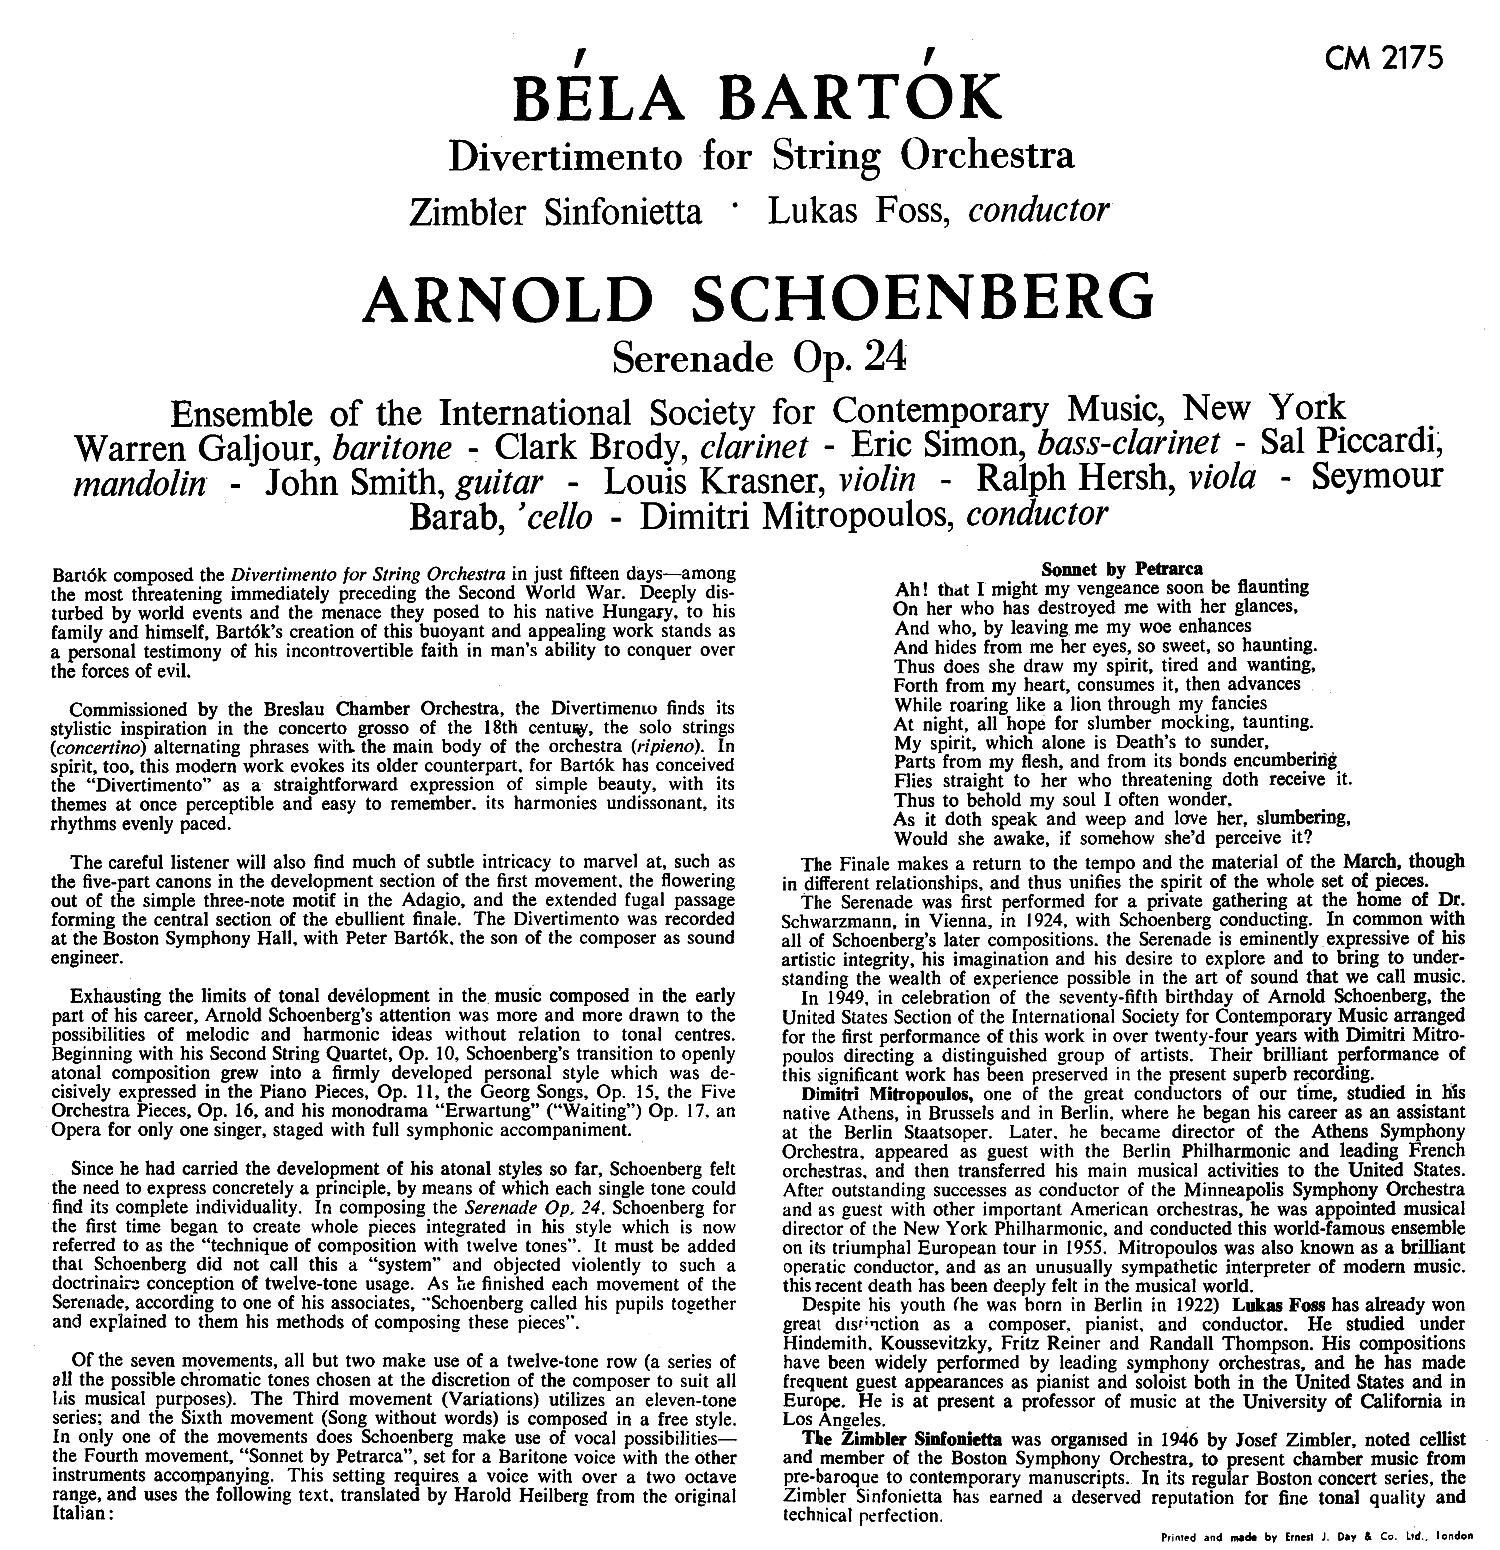 The Zimbler Sinfonietta - Richard Burgin - Music Of The Bach Family Part 2